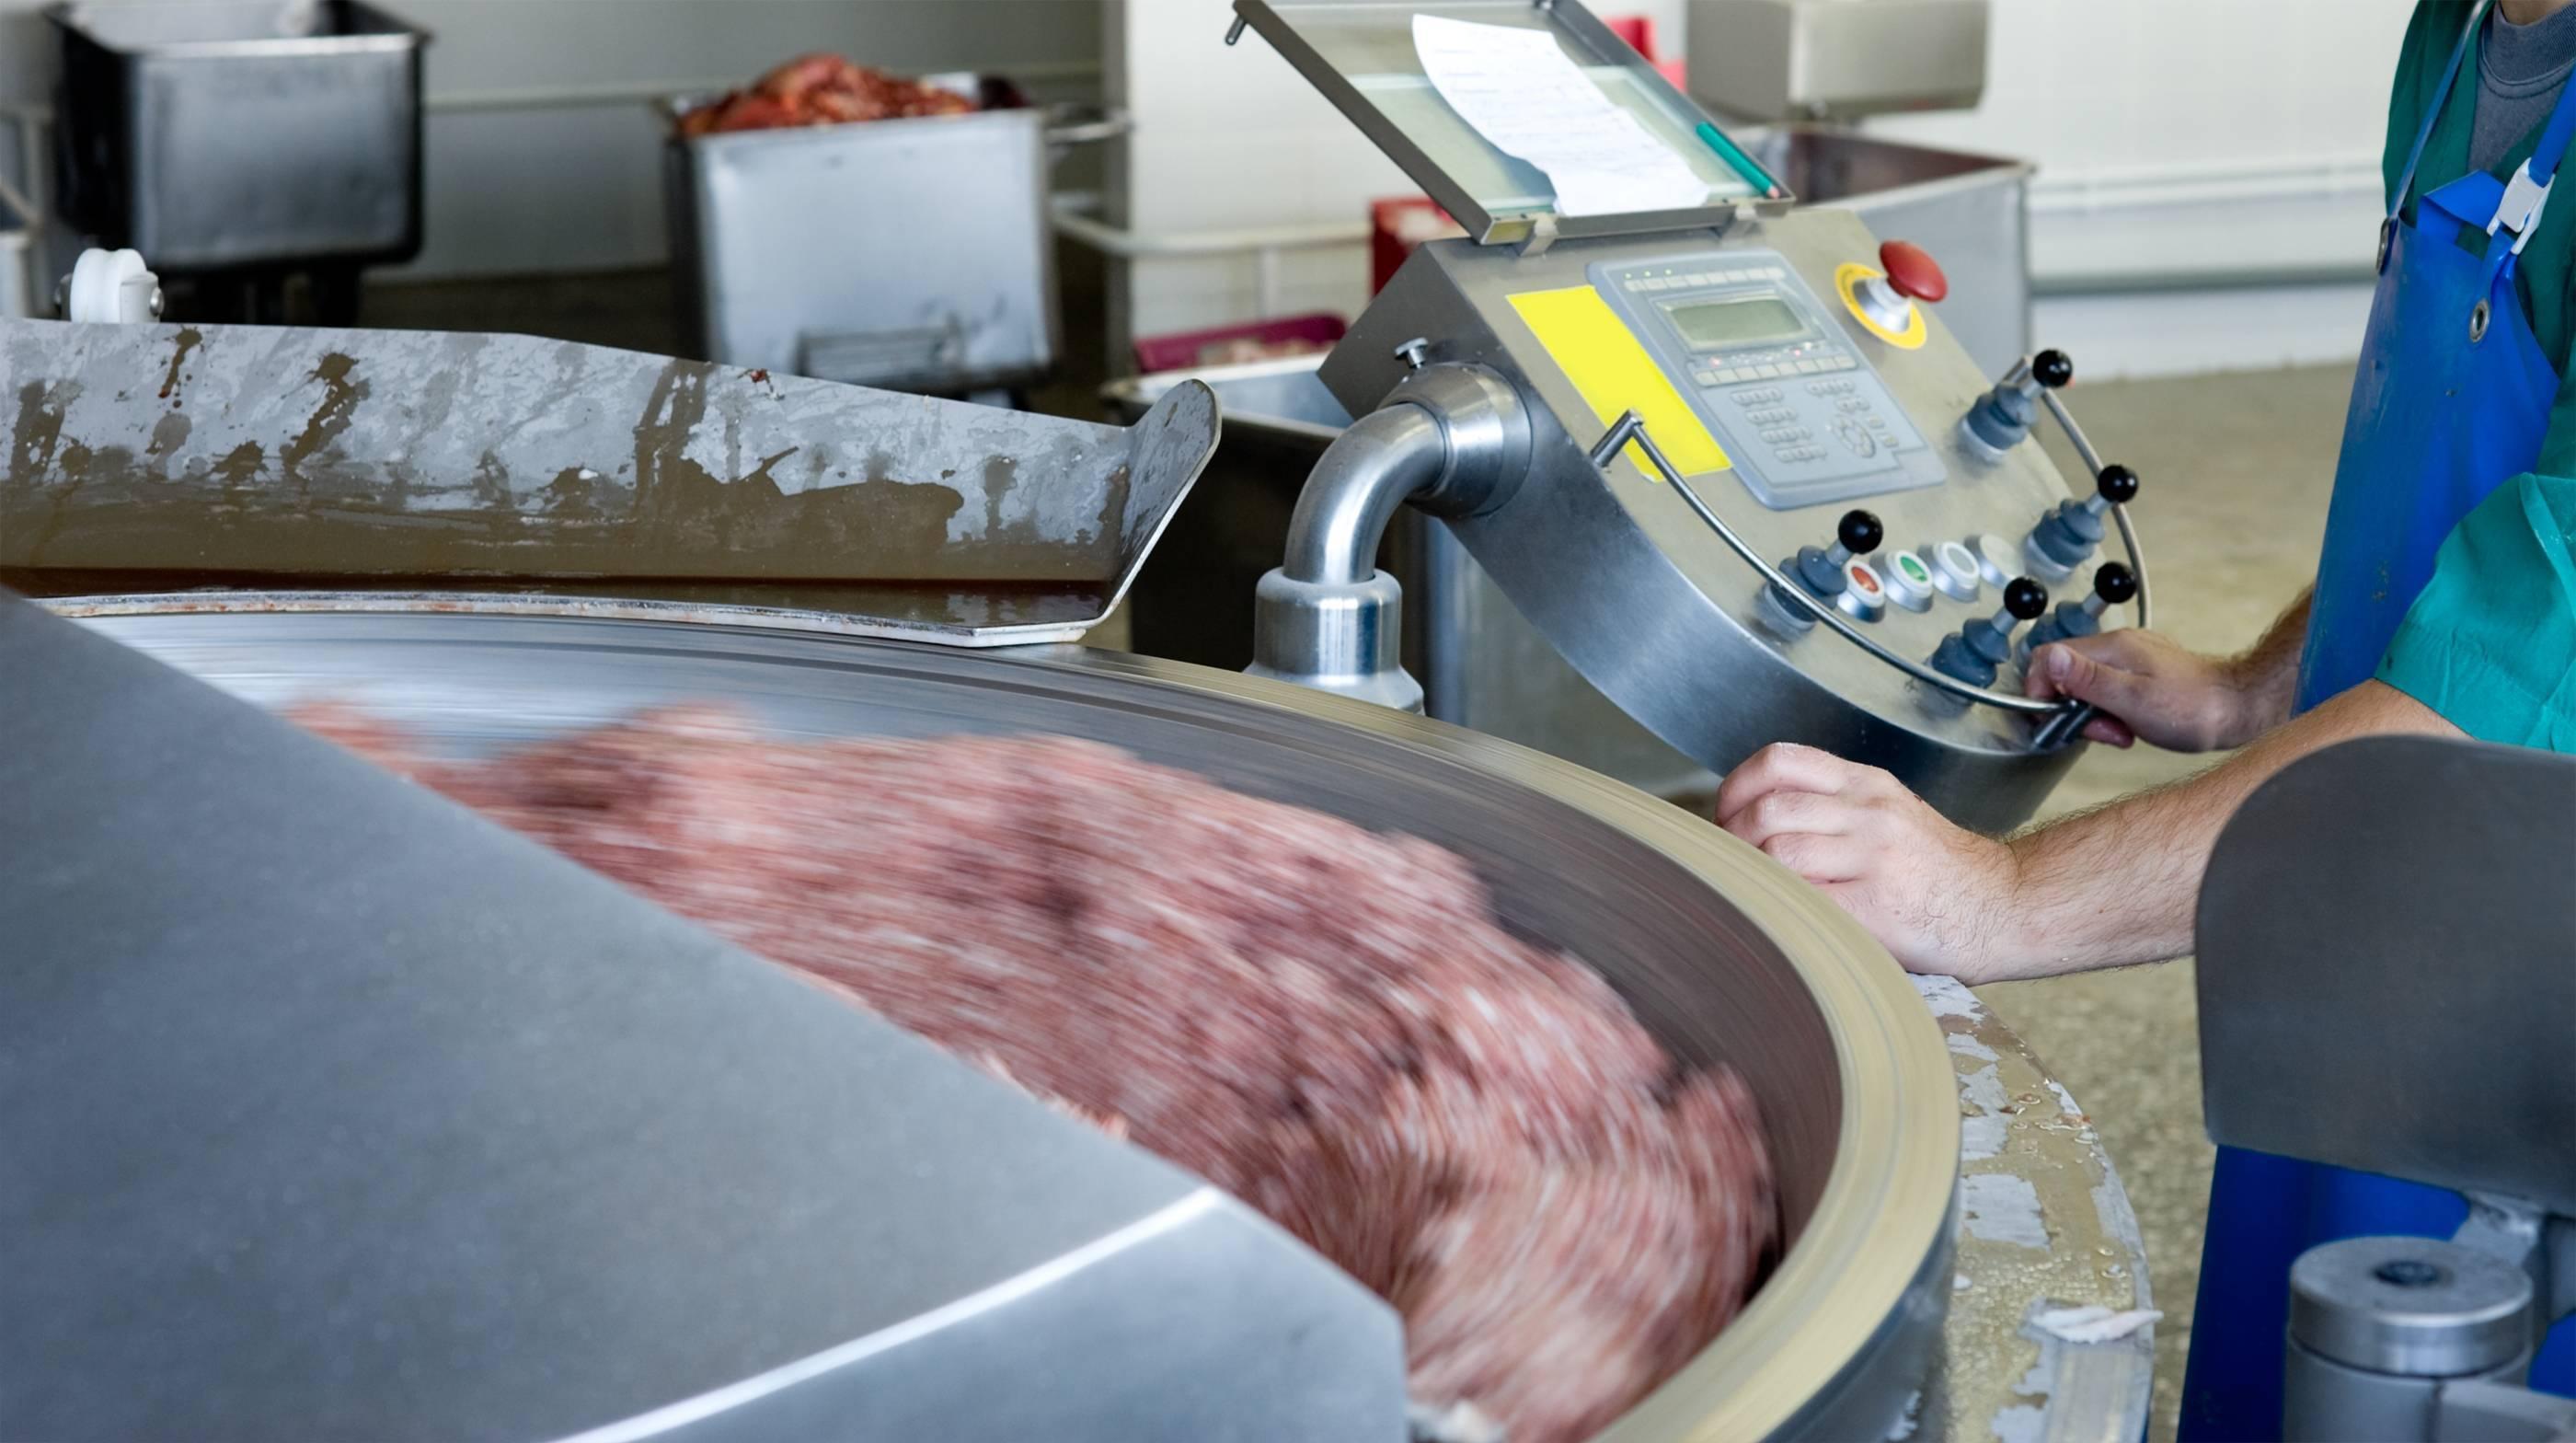 machine viande séparée mécaniquement